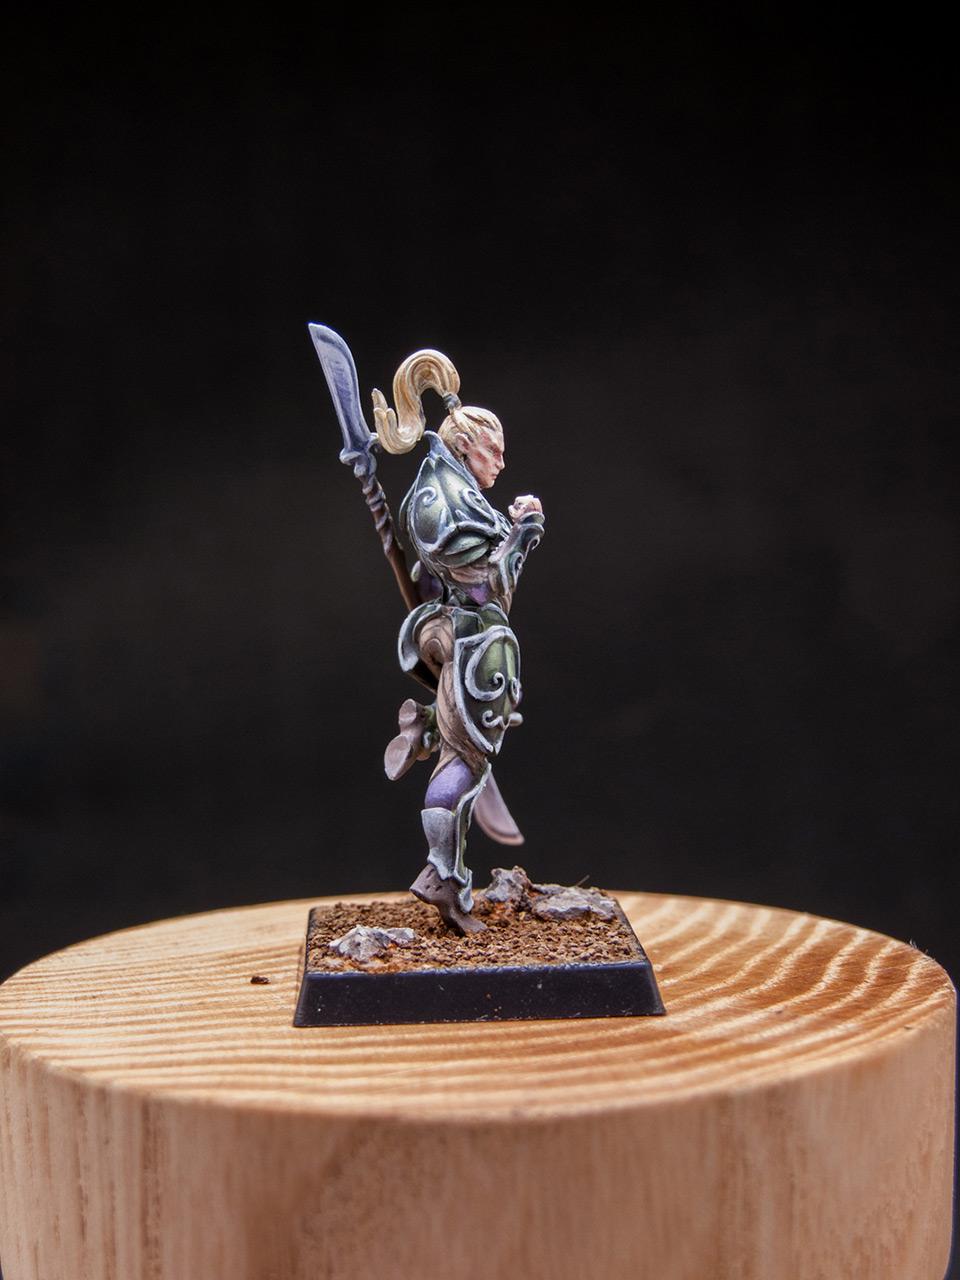 Разное: Эльфы Серебряной гвардии, фото #15